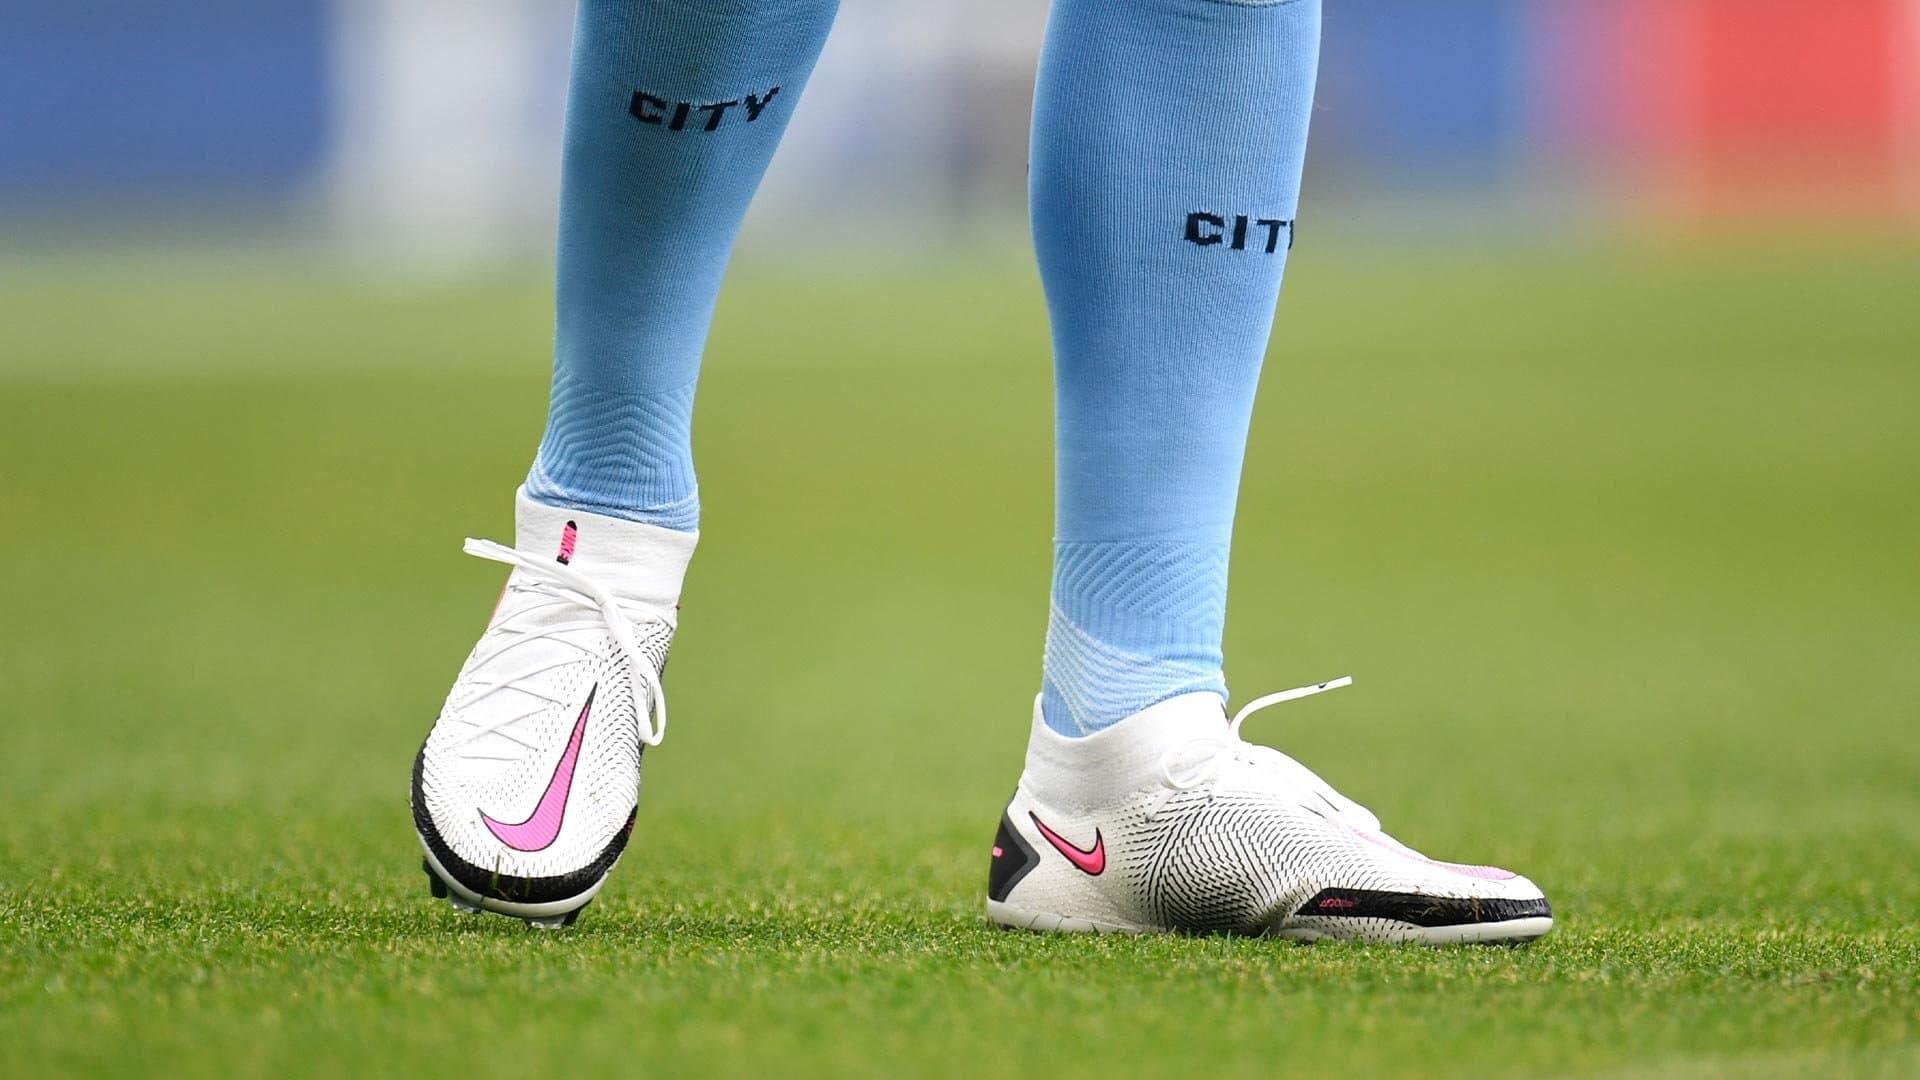 Kevin De Bruyne hiện đang sử dụng dòng giày kiểm soát bóng Nike Phantom GT